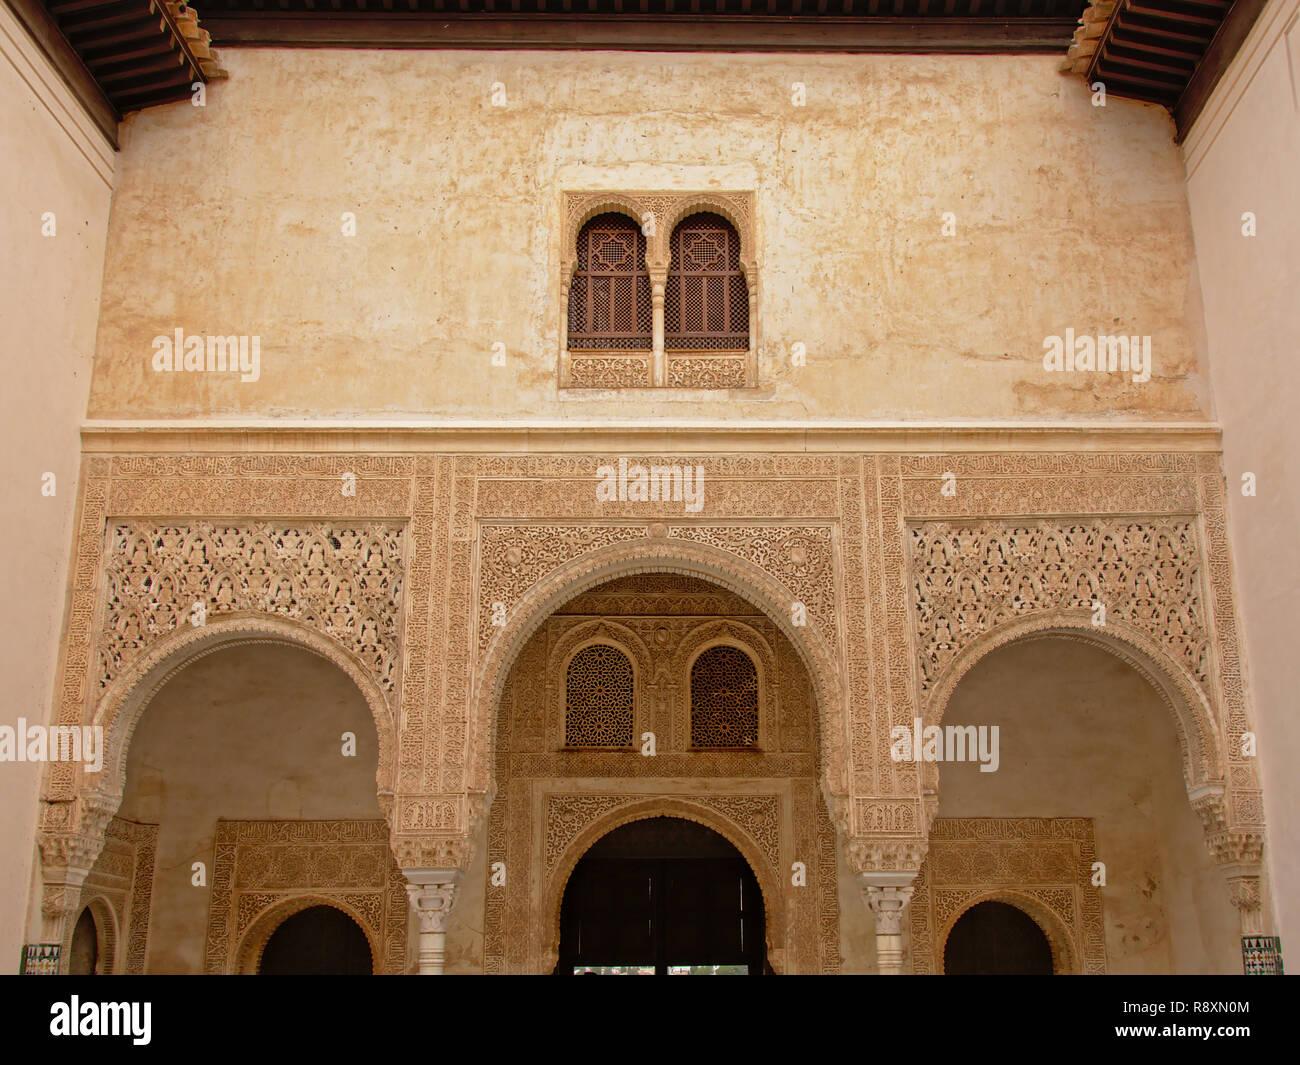 Muro decorado con arcos, detalle de Windows , palacio nazarí Alhambra, España Foto de stock